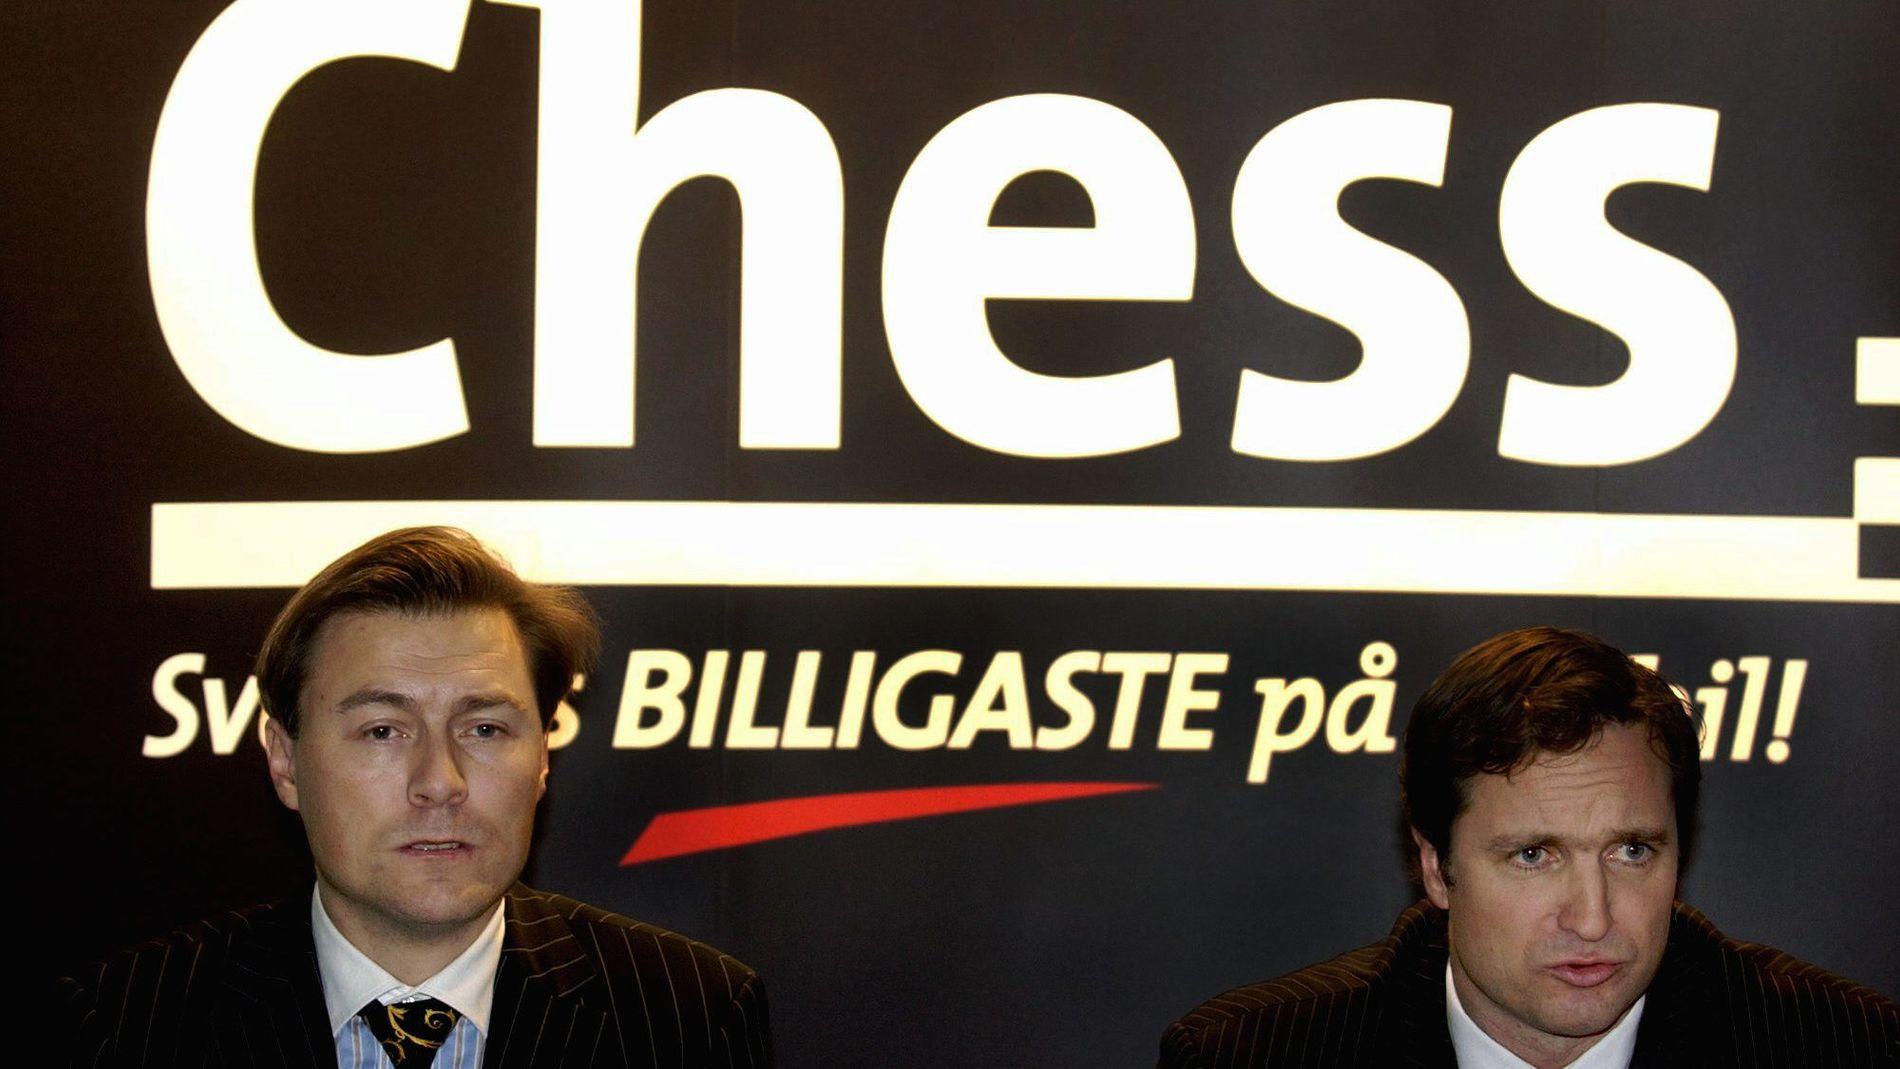 CHESS LEGGES NED: Idar Vollvik startet i sin tid Chess-eventyret, nå legger Telia ned selskapet.